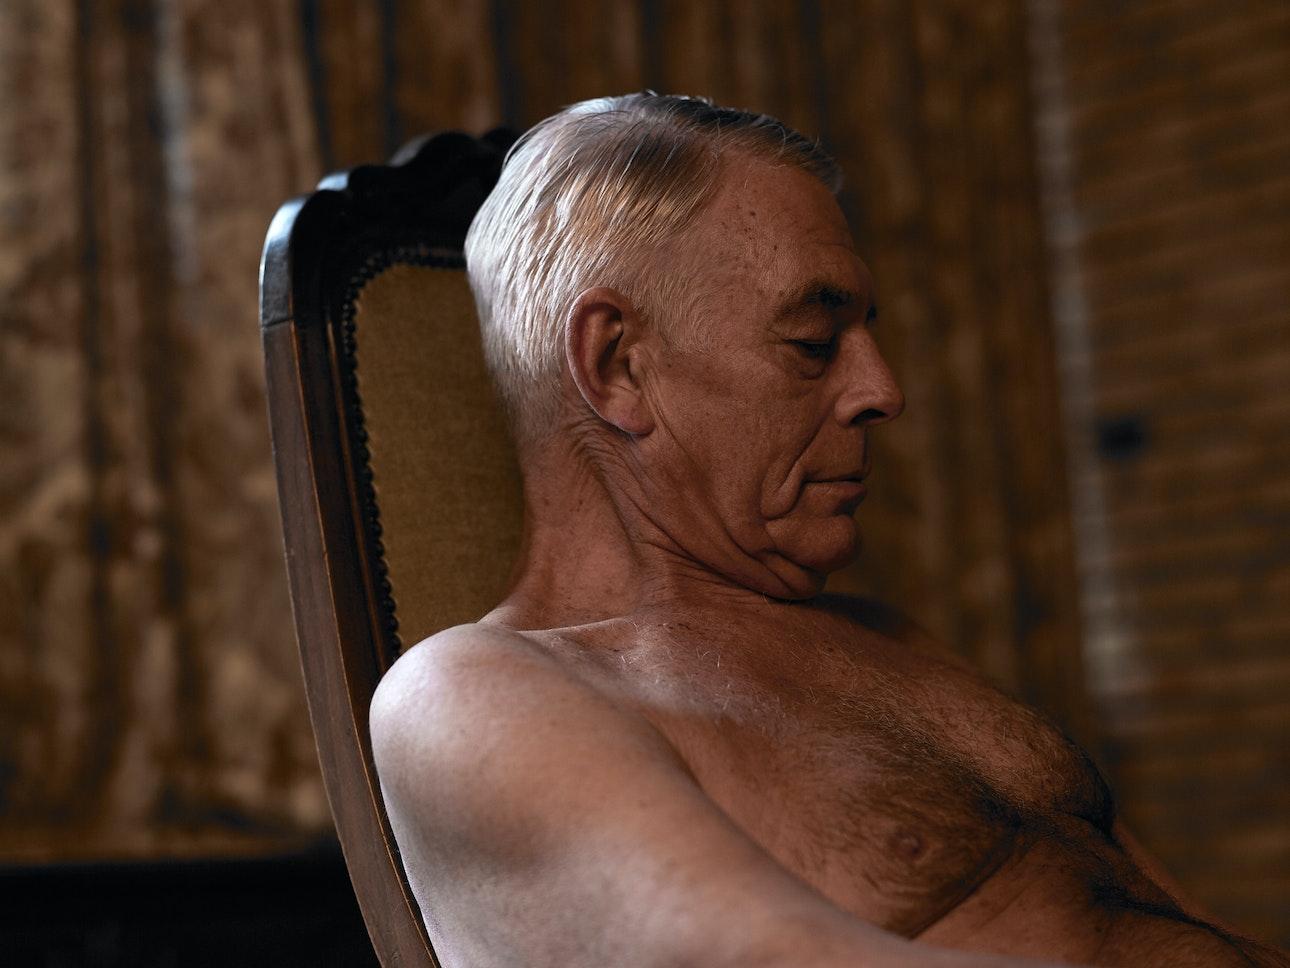 Старая любовь: пожилые пары в проекте Аннабэль Остевехел. Нидерландский фотограф Аннабэль Остевехел. Интернет - журнал birdinflight.com